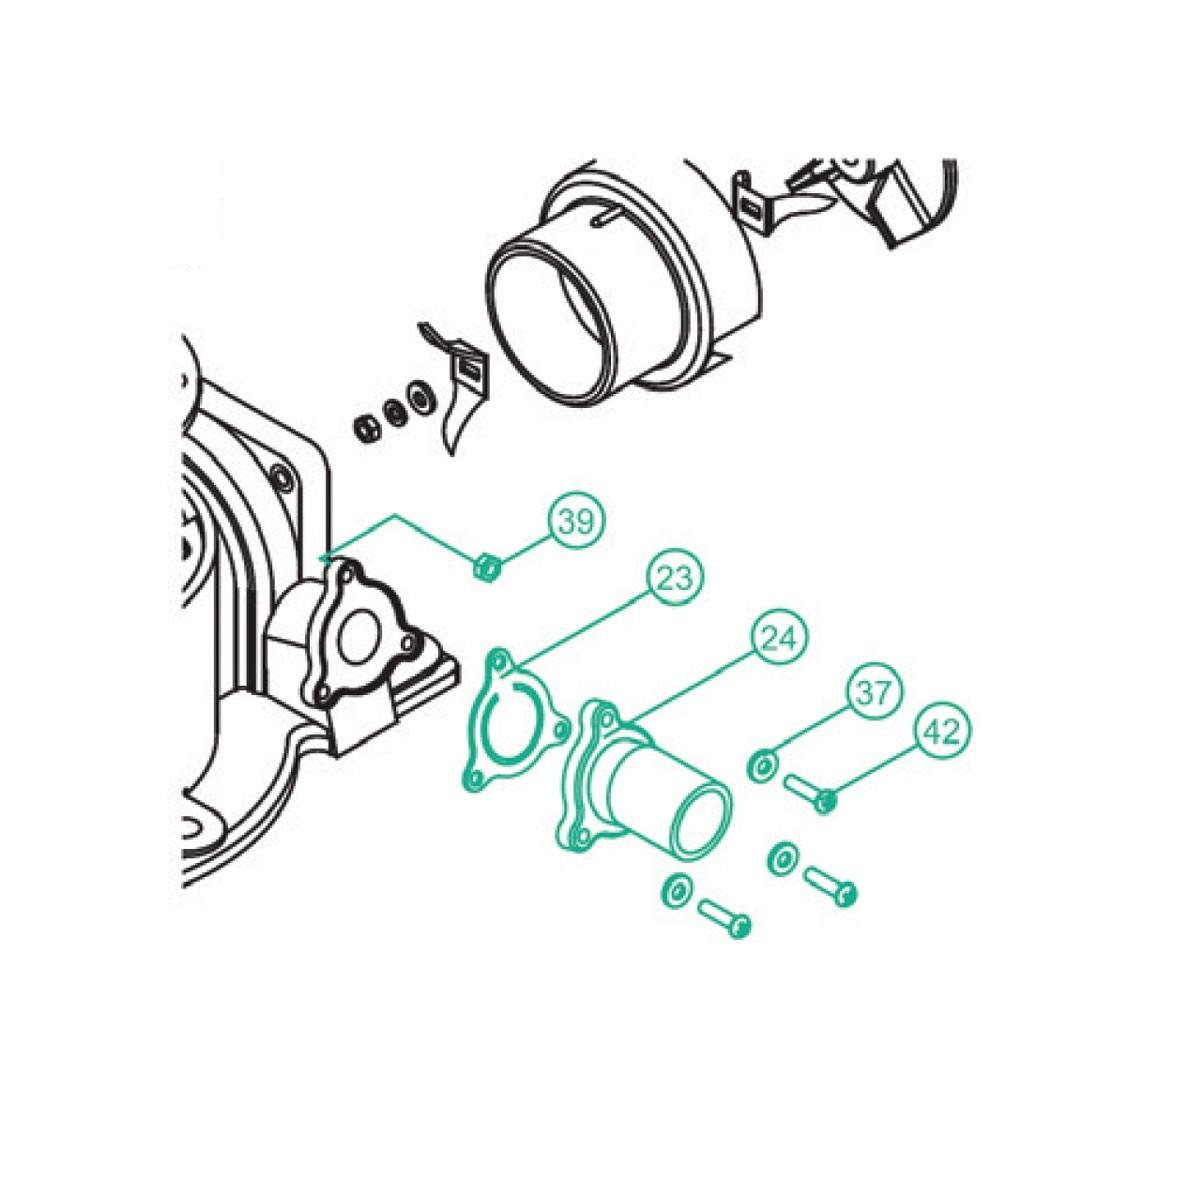 11.61 - Κιτ Σύνδεσης Για Βάση Τουαλέτας Για Κωδικούς 2284 & 2281